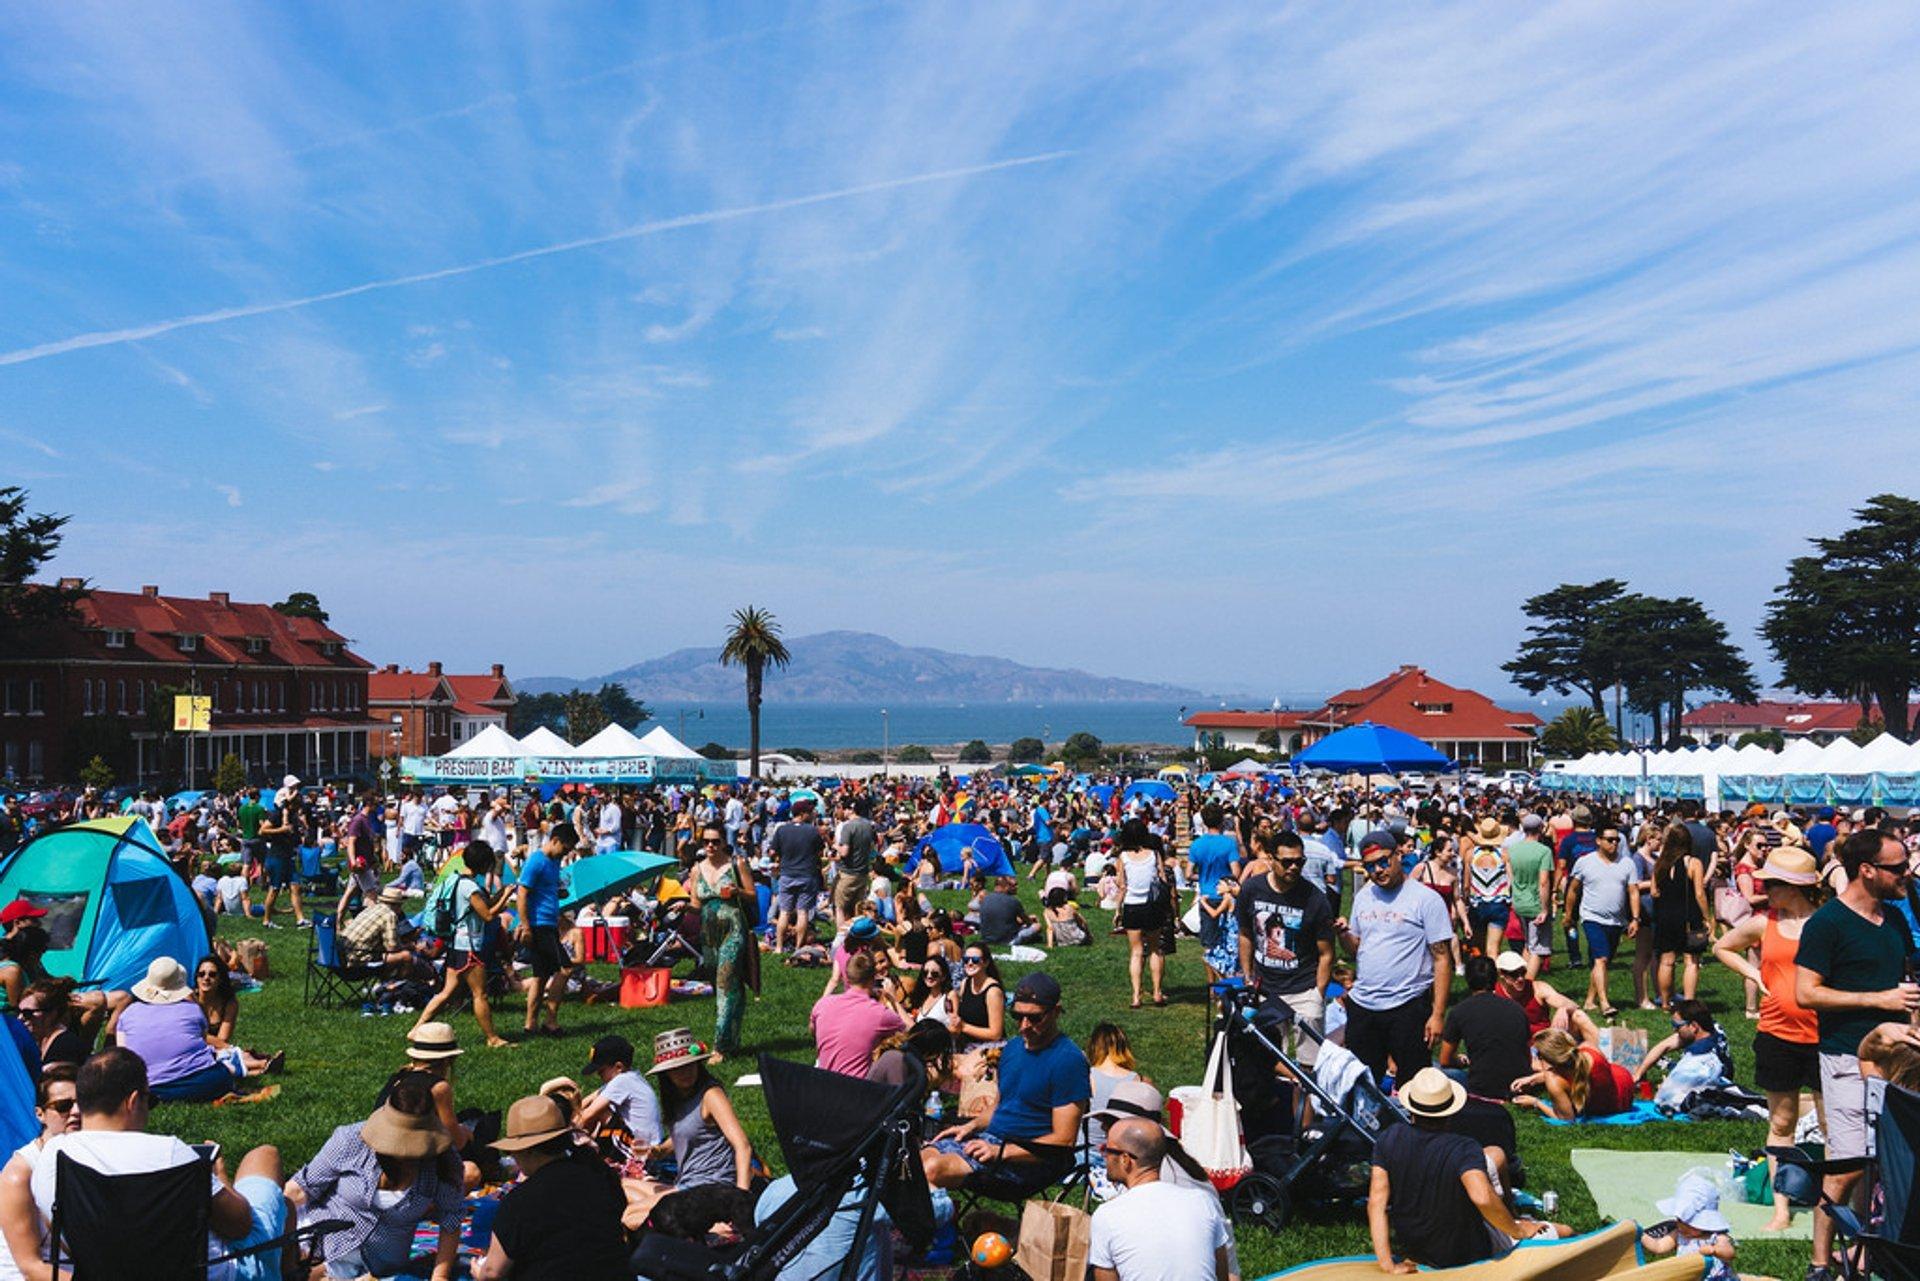 Presidio Picnic in San Francisco 2020 - Best Time